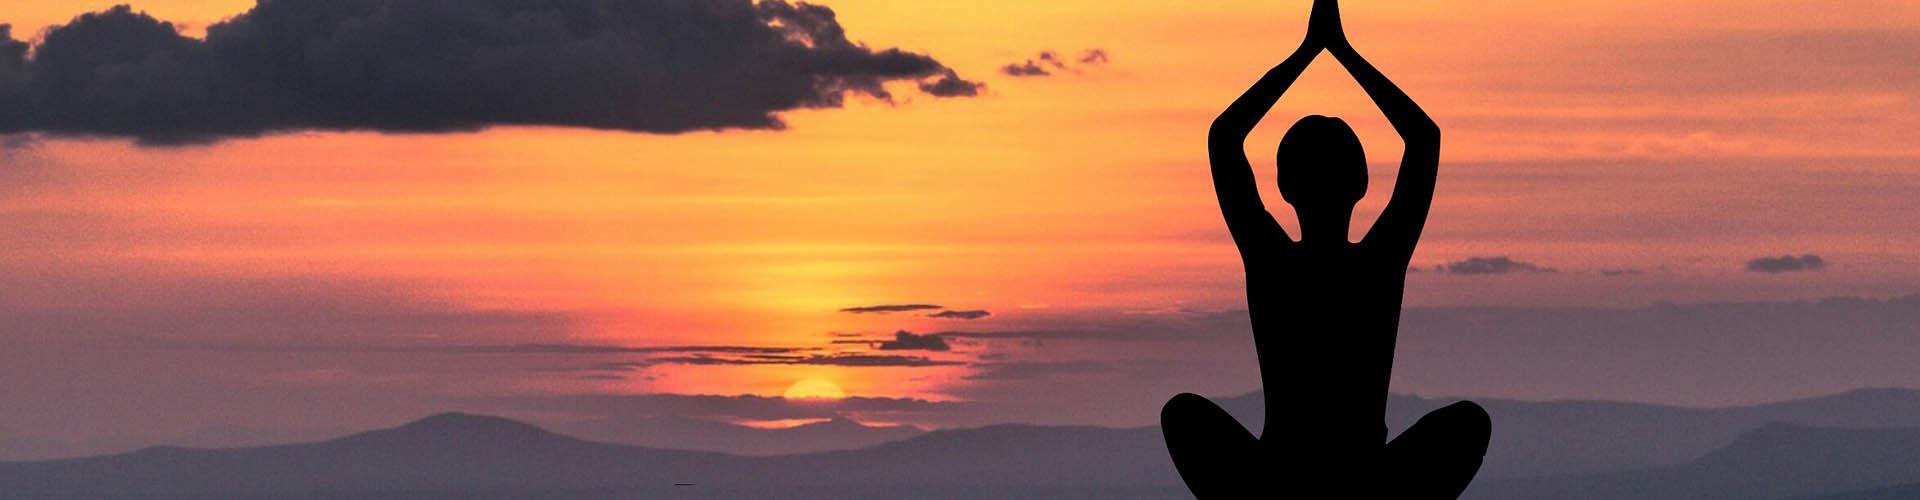 Gruppo Di Meditazione: Abbiamo Meditato Sulle Cime Dell'Himalaya